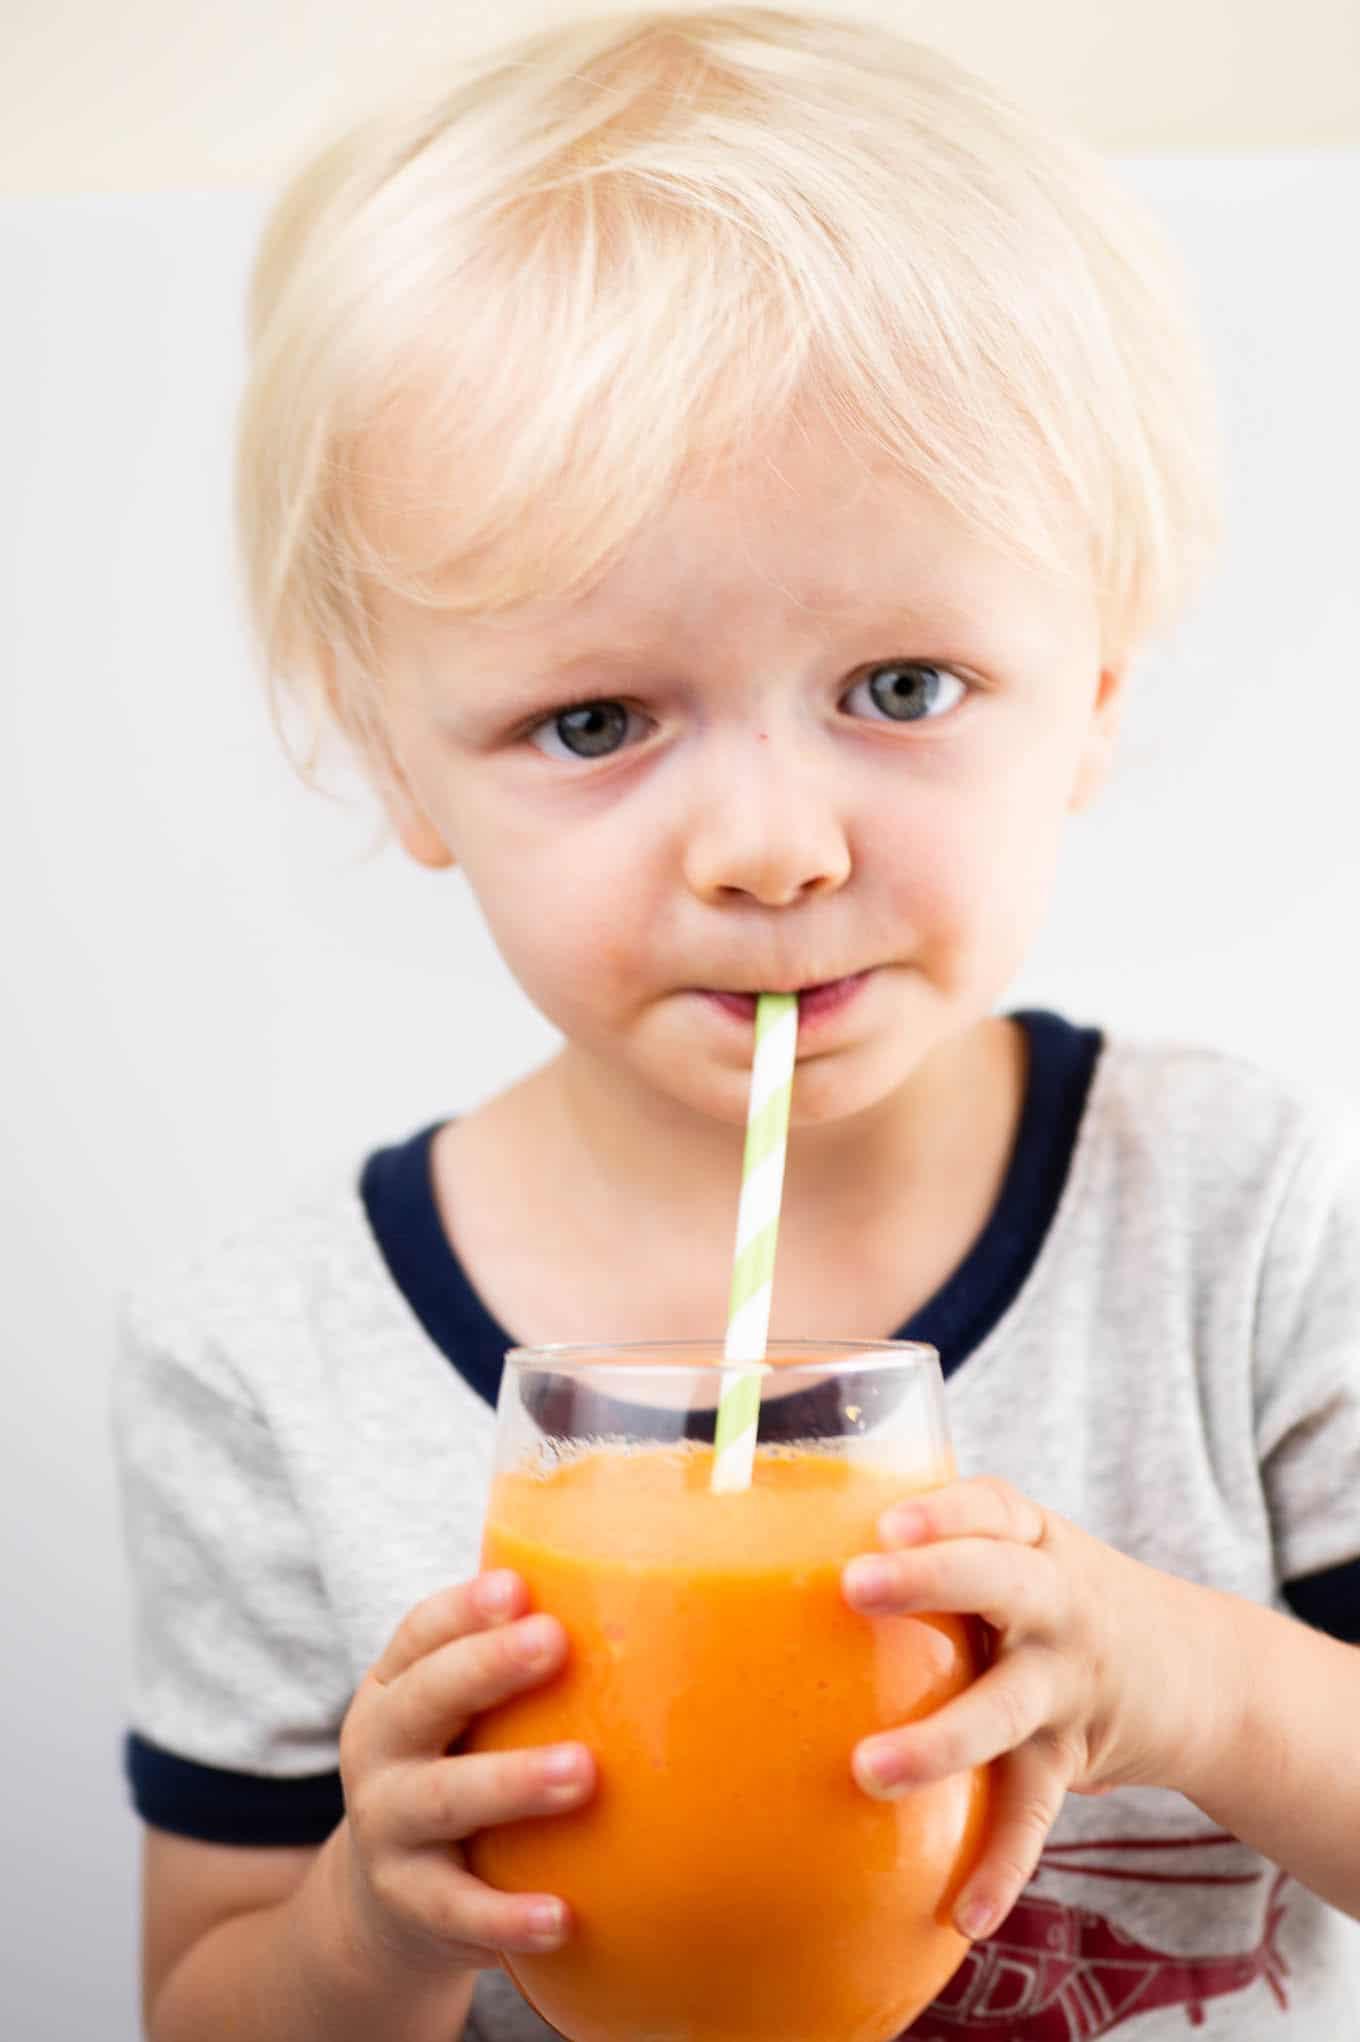 toddler drinking an orange smoothie